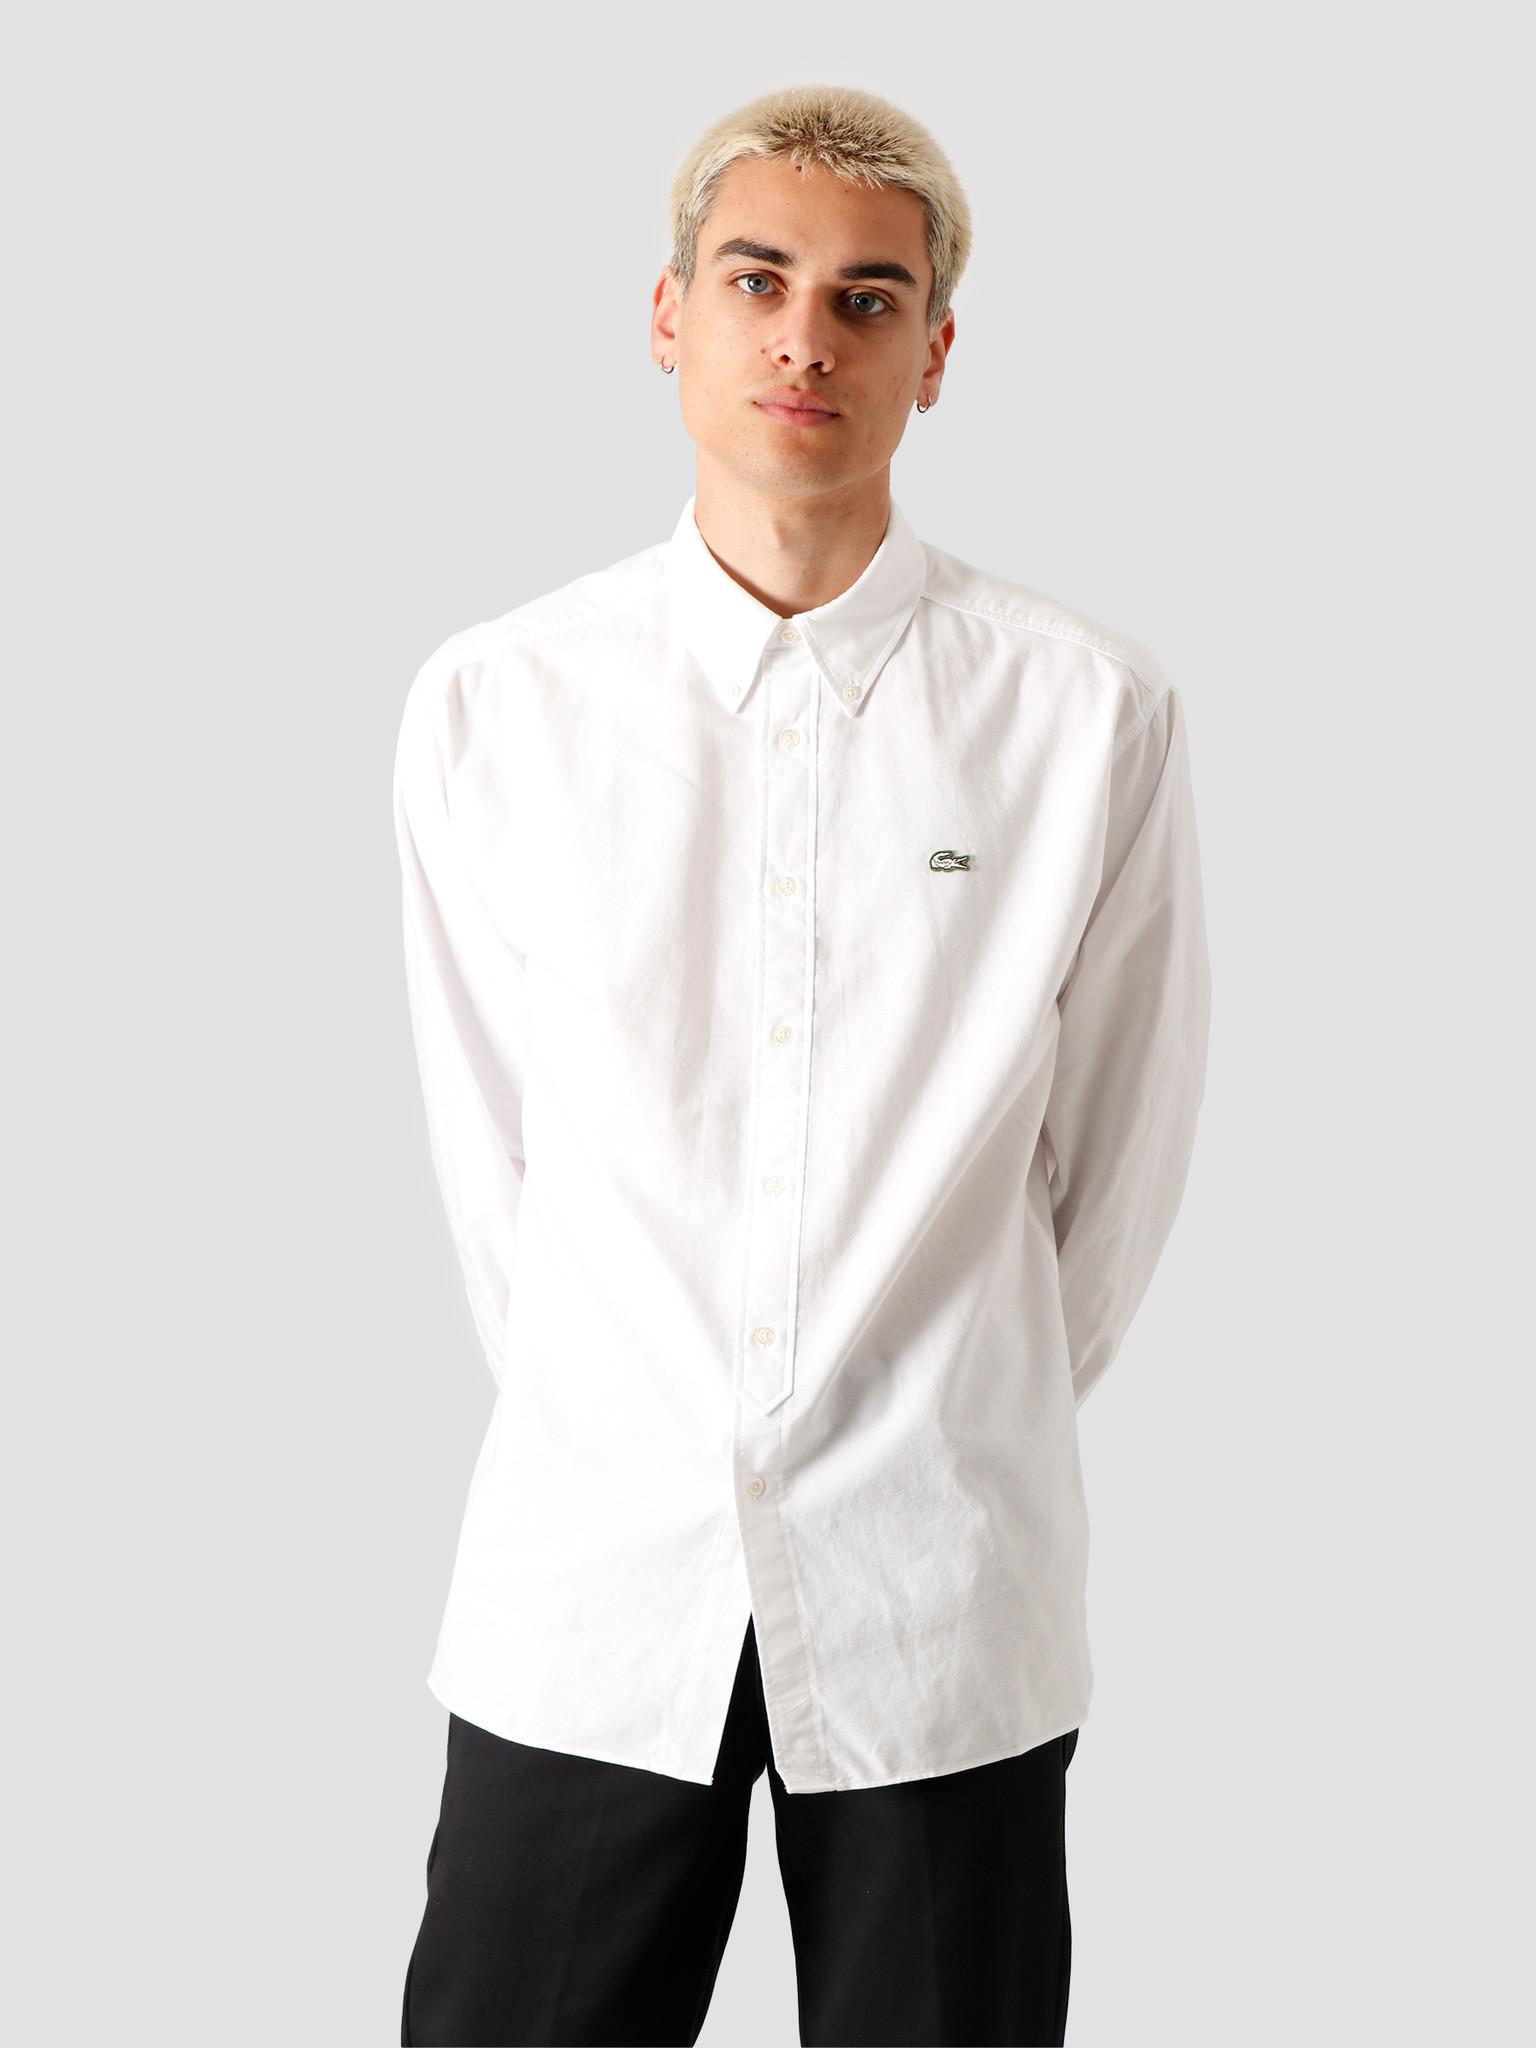 Lacoste Lacoste 1HC2 Men's Long Sleeve woven shirt 02 White Flour CH3942-01